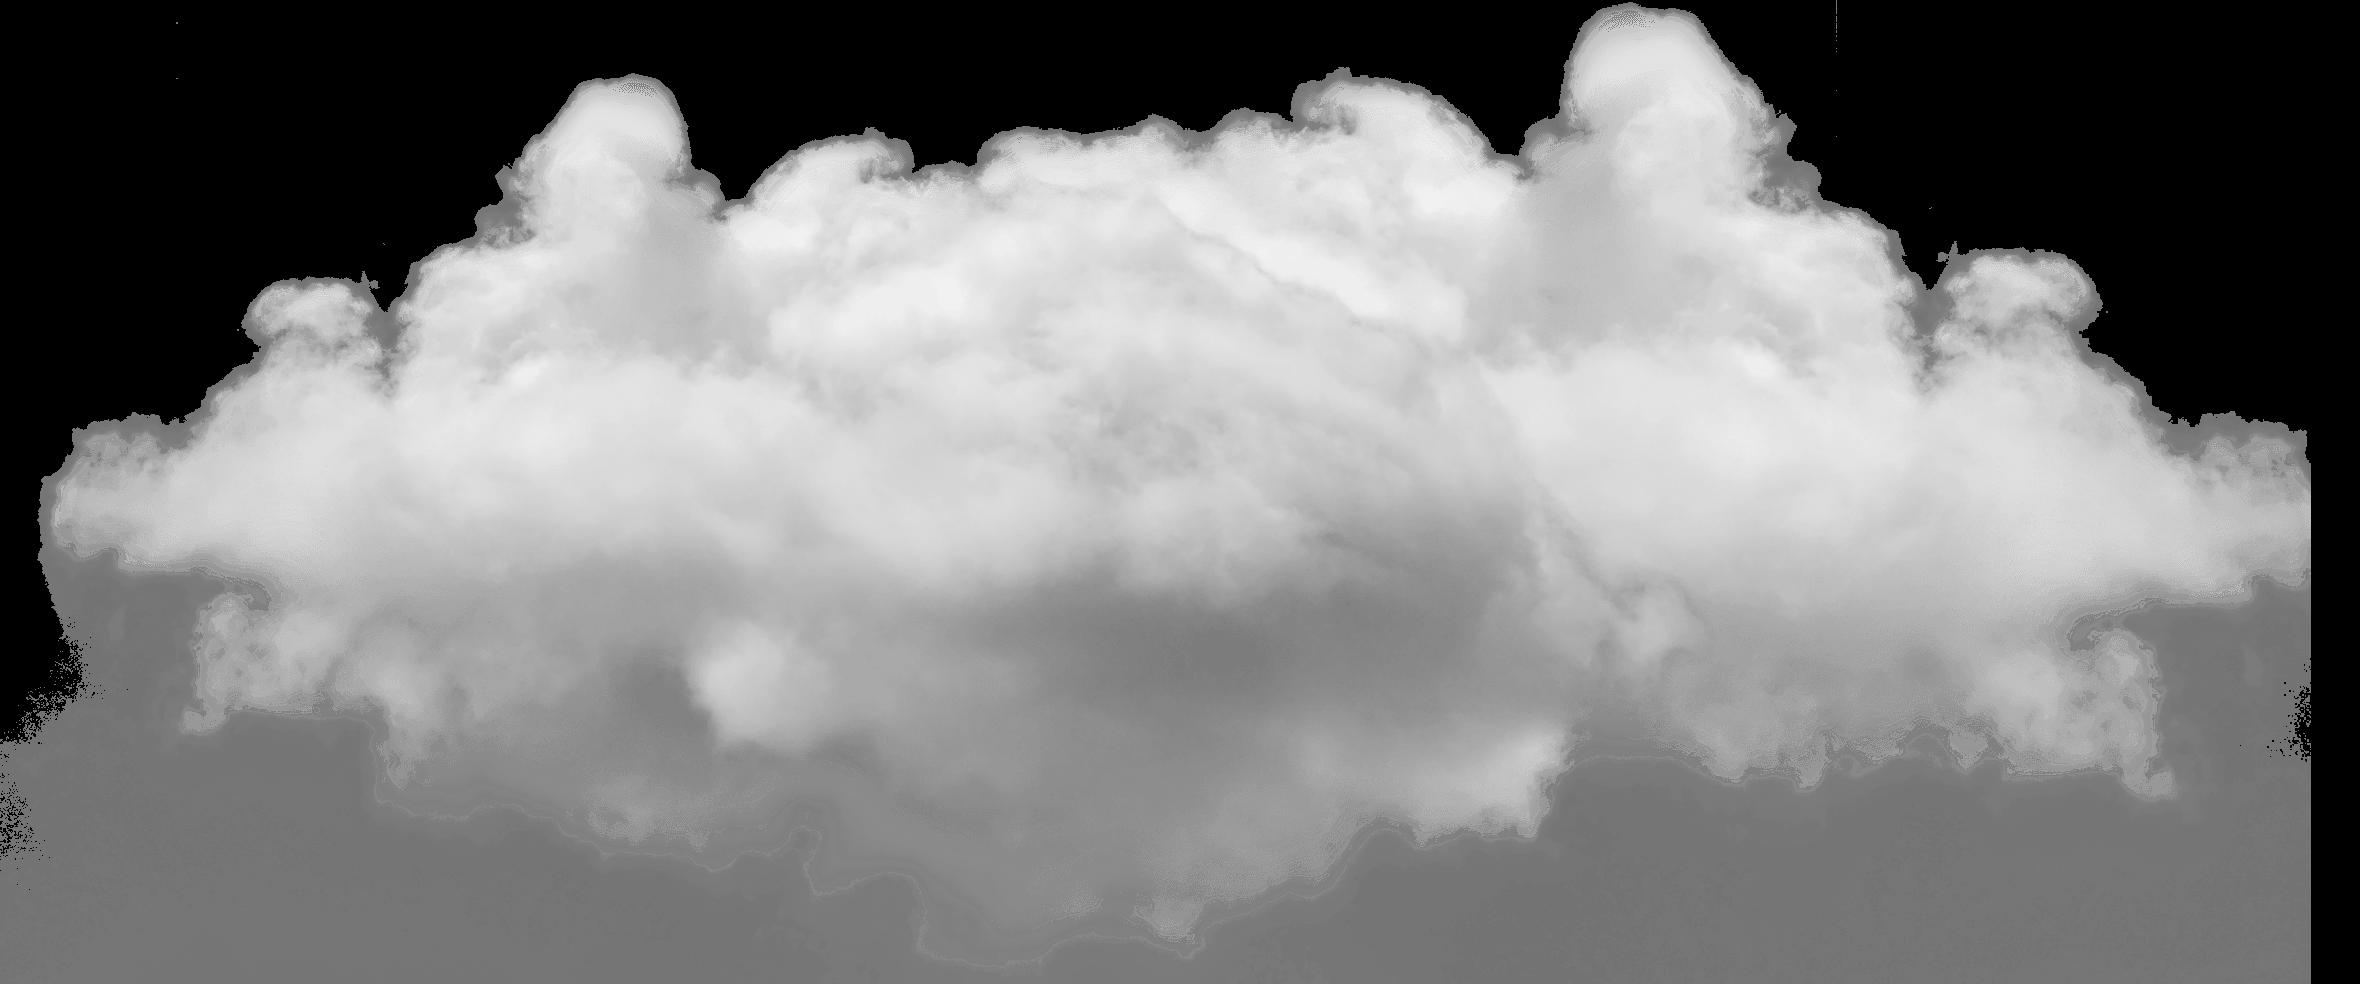 Cloud Desktop Wallpaper Stratus.